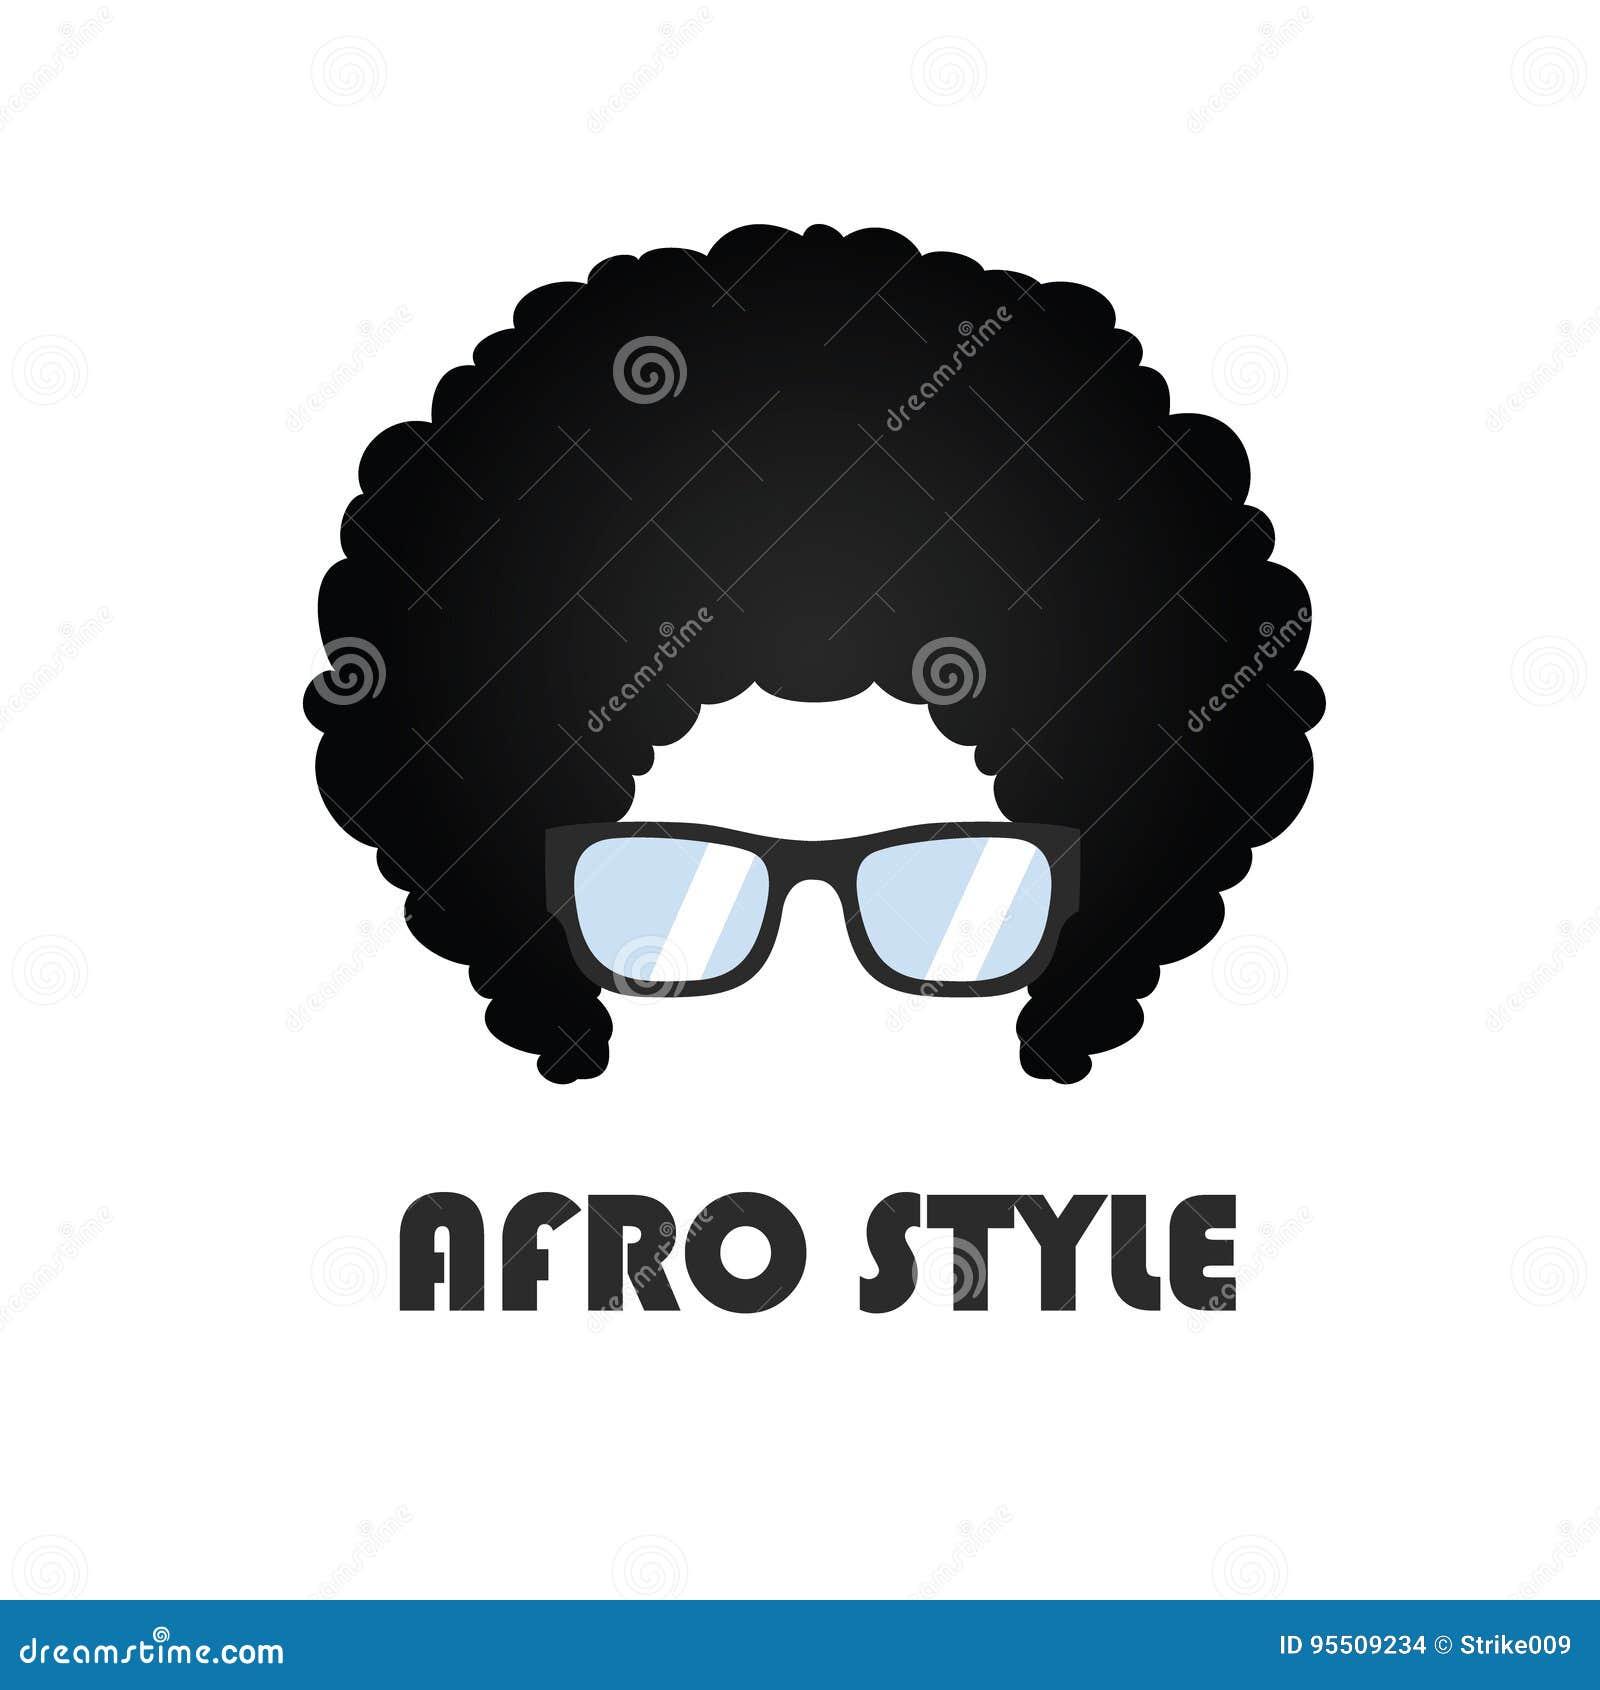 Afro Style Logo Vector Design